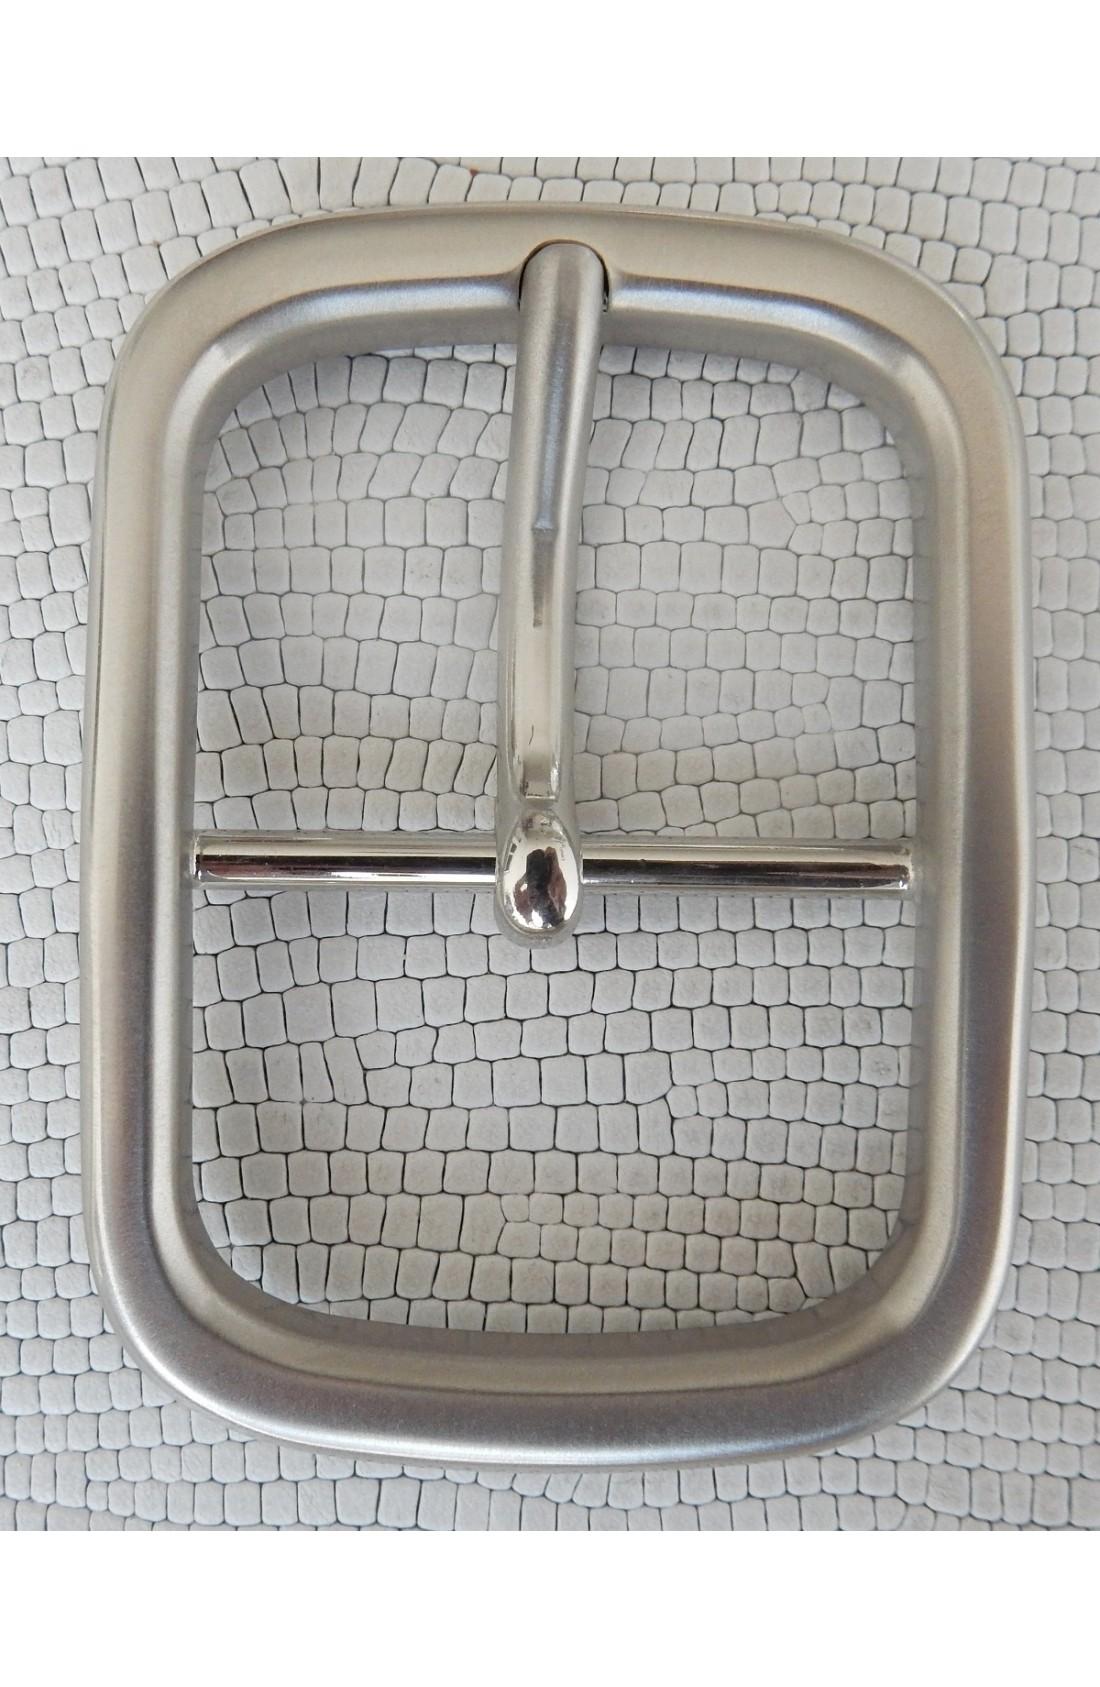 Fibbia Standard N 28 mm.35 nikel satinato free (1)